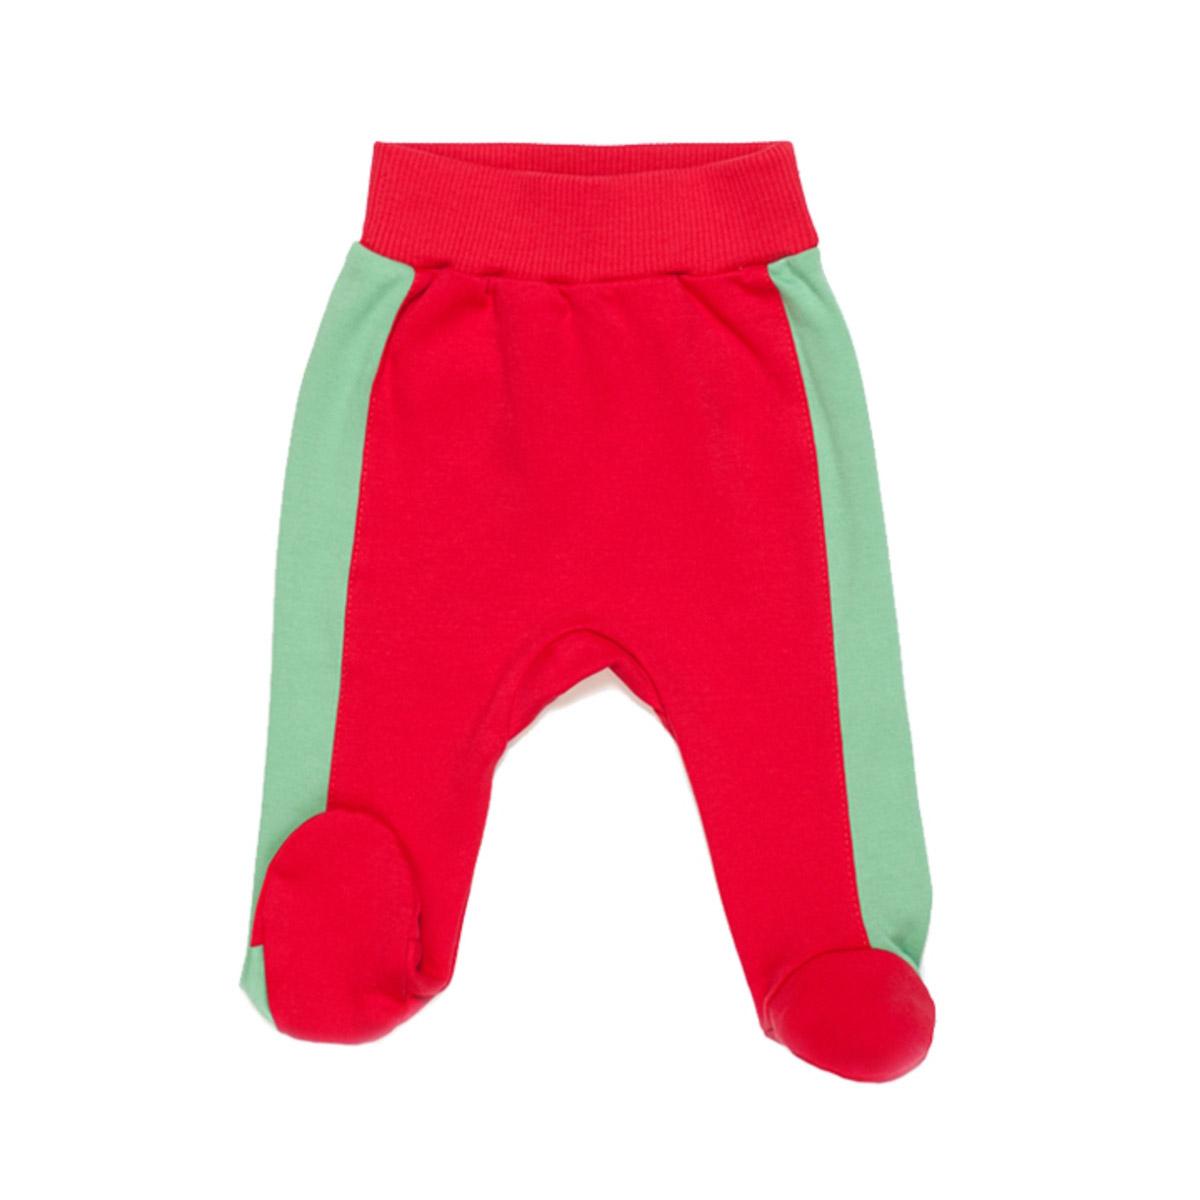 Ползунки с ножками Ёмаё Кони в яблоках (26-236) рост 56 красный<br>